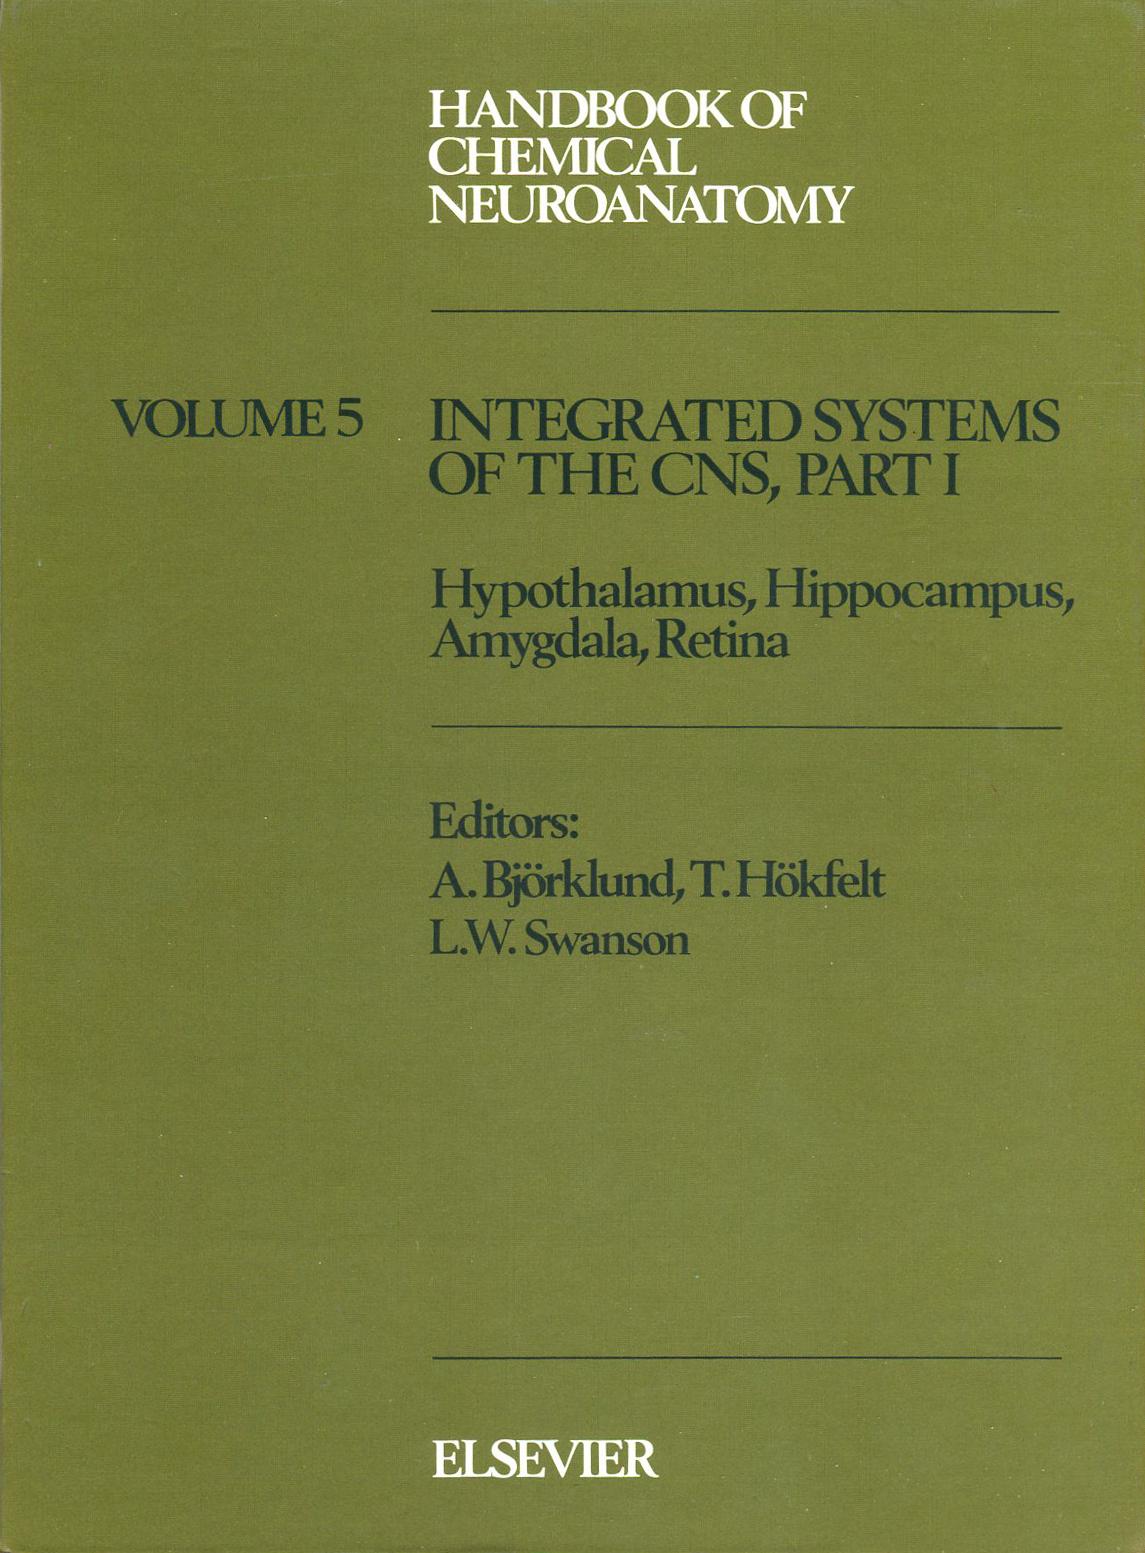 HCN V5 1987